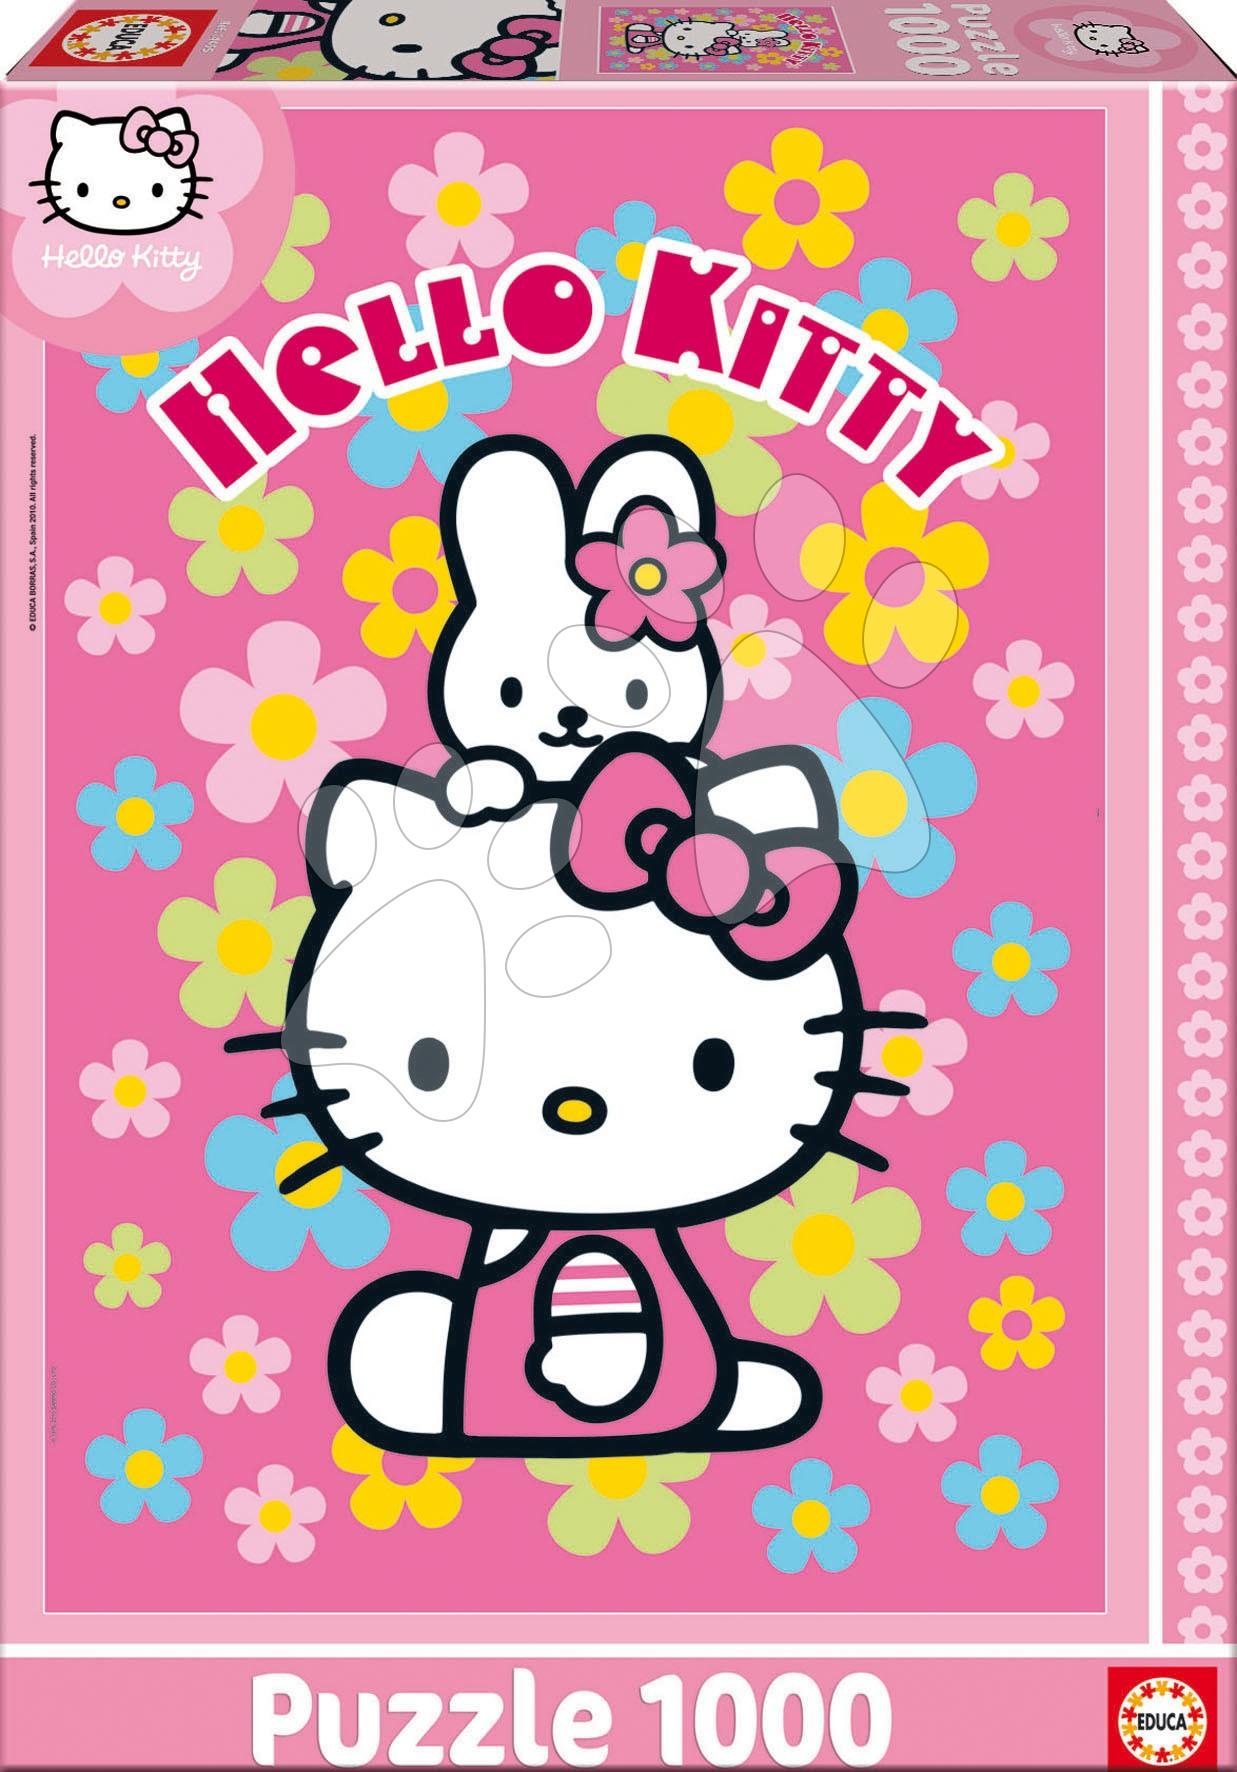 1000 delne puzzle - Puzzle Hello Kitty Educa 1000 delov od 12 leta